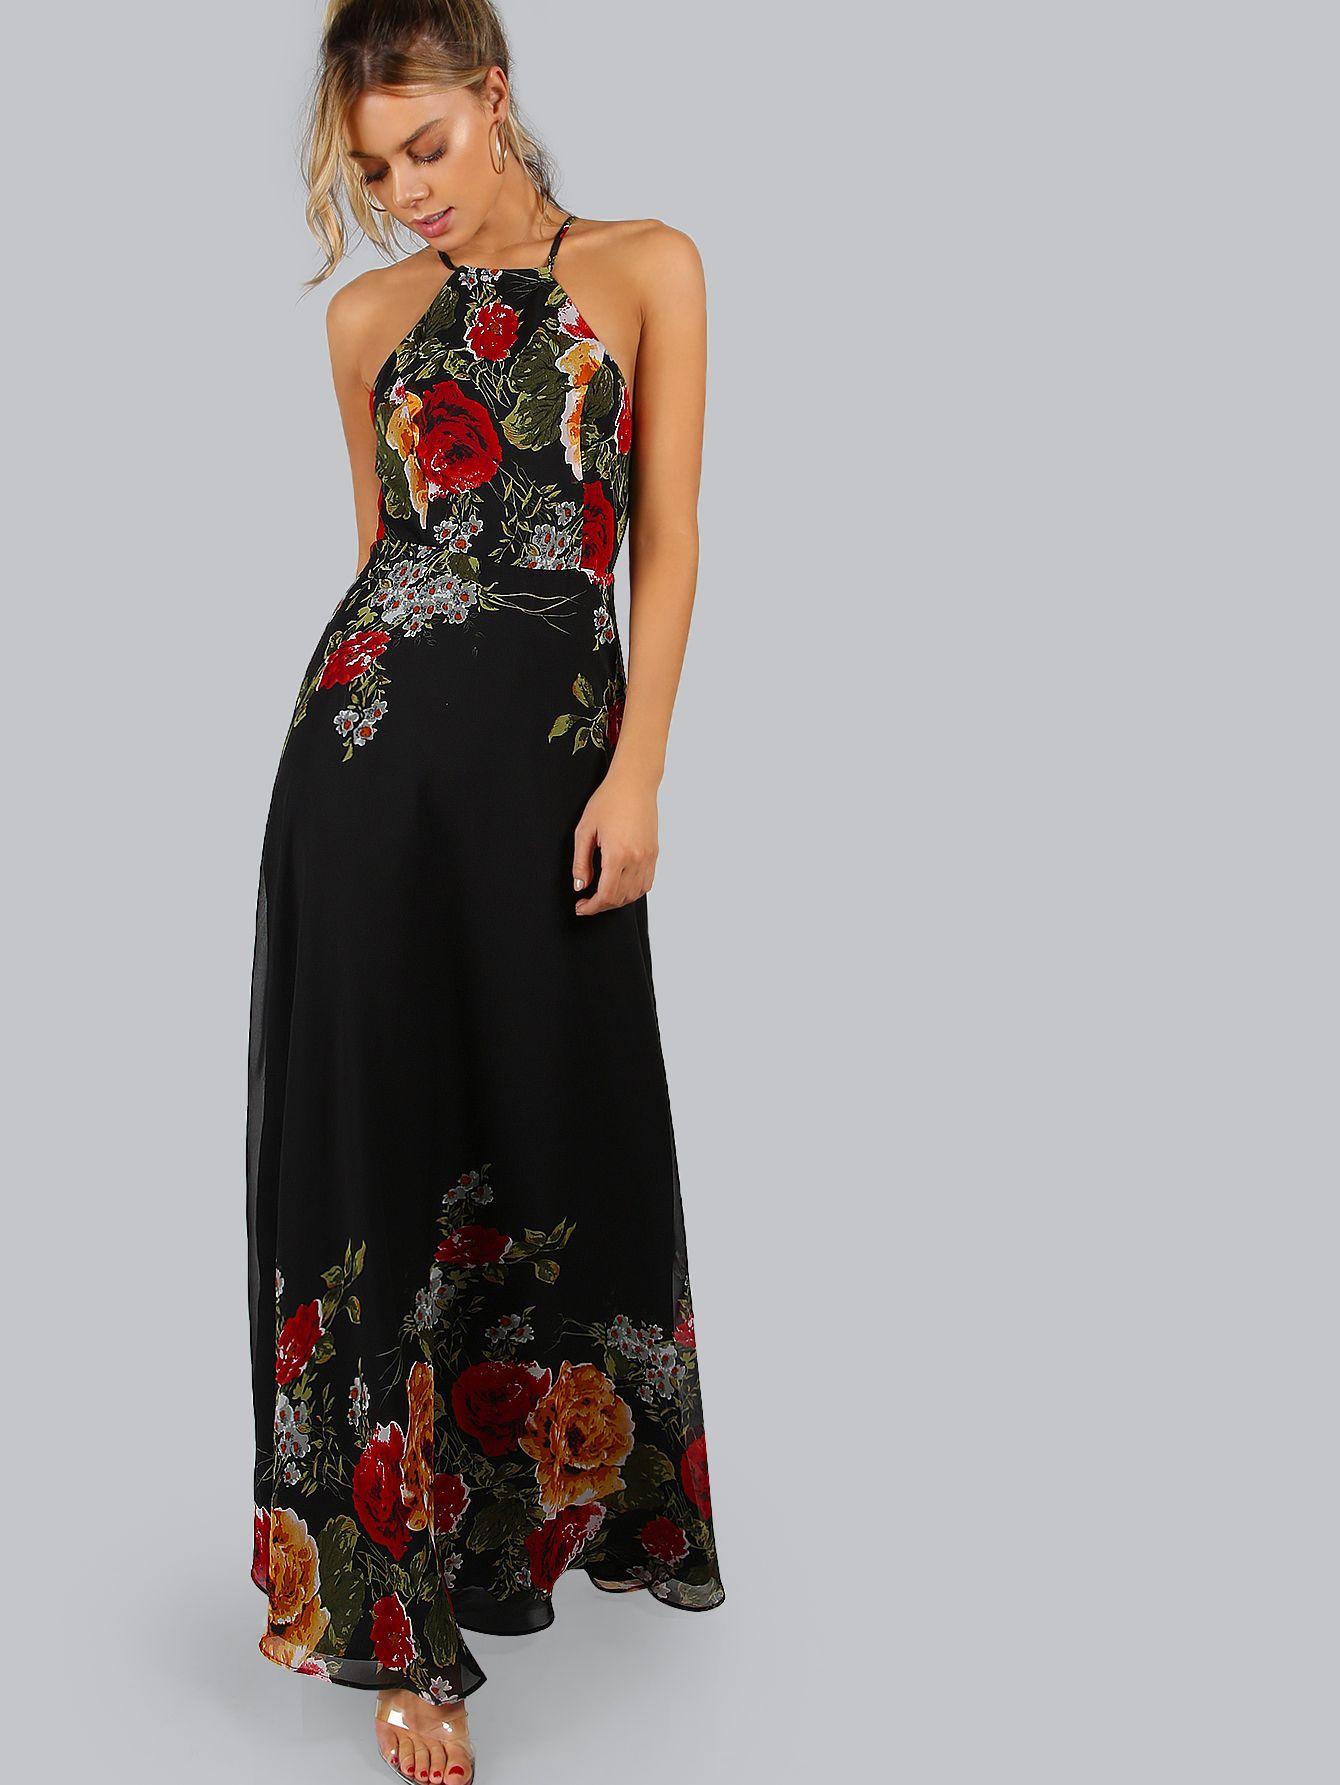 22363ee97c Shop Black Flower Print Halter Neck Open Back Maxi Dress online. SheIn  offers Black Flower Print Halter Neck Open Back Maxi Dress   more to fit  your ...